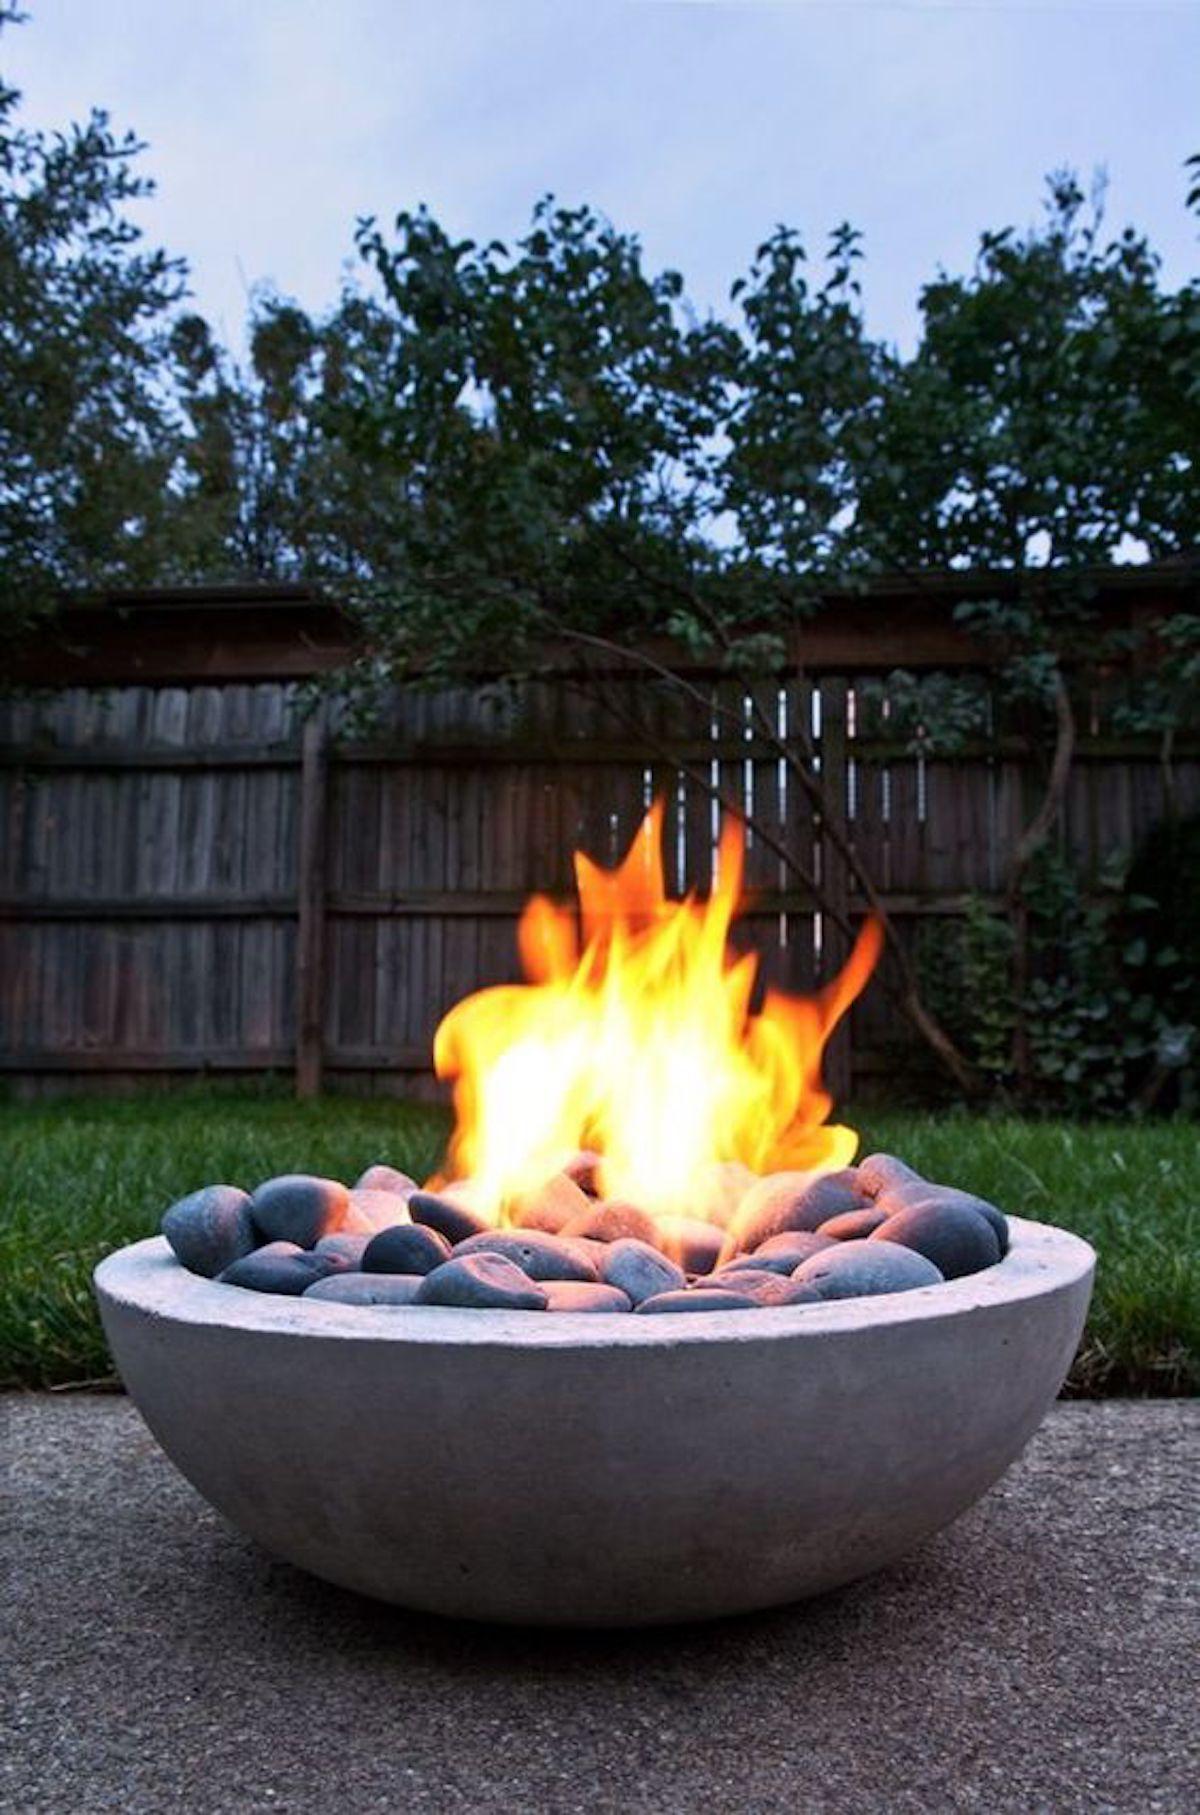 Brasero flamme feu pot béton jardin déco outdoor extérieur - blog déco - clematc